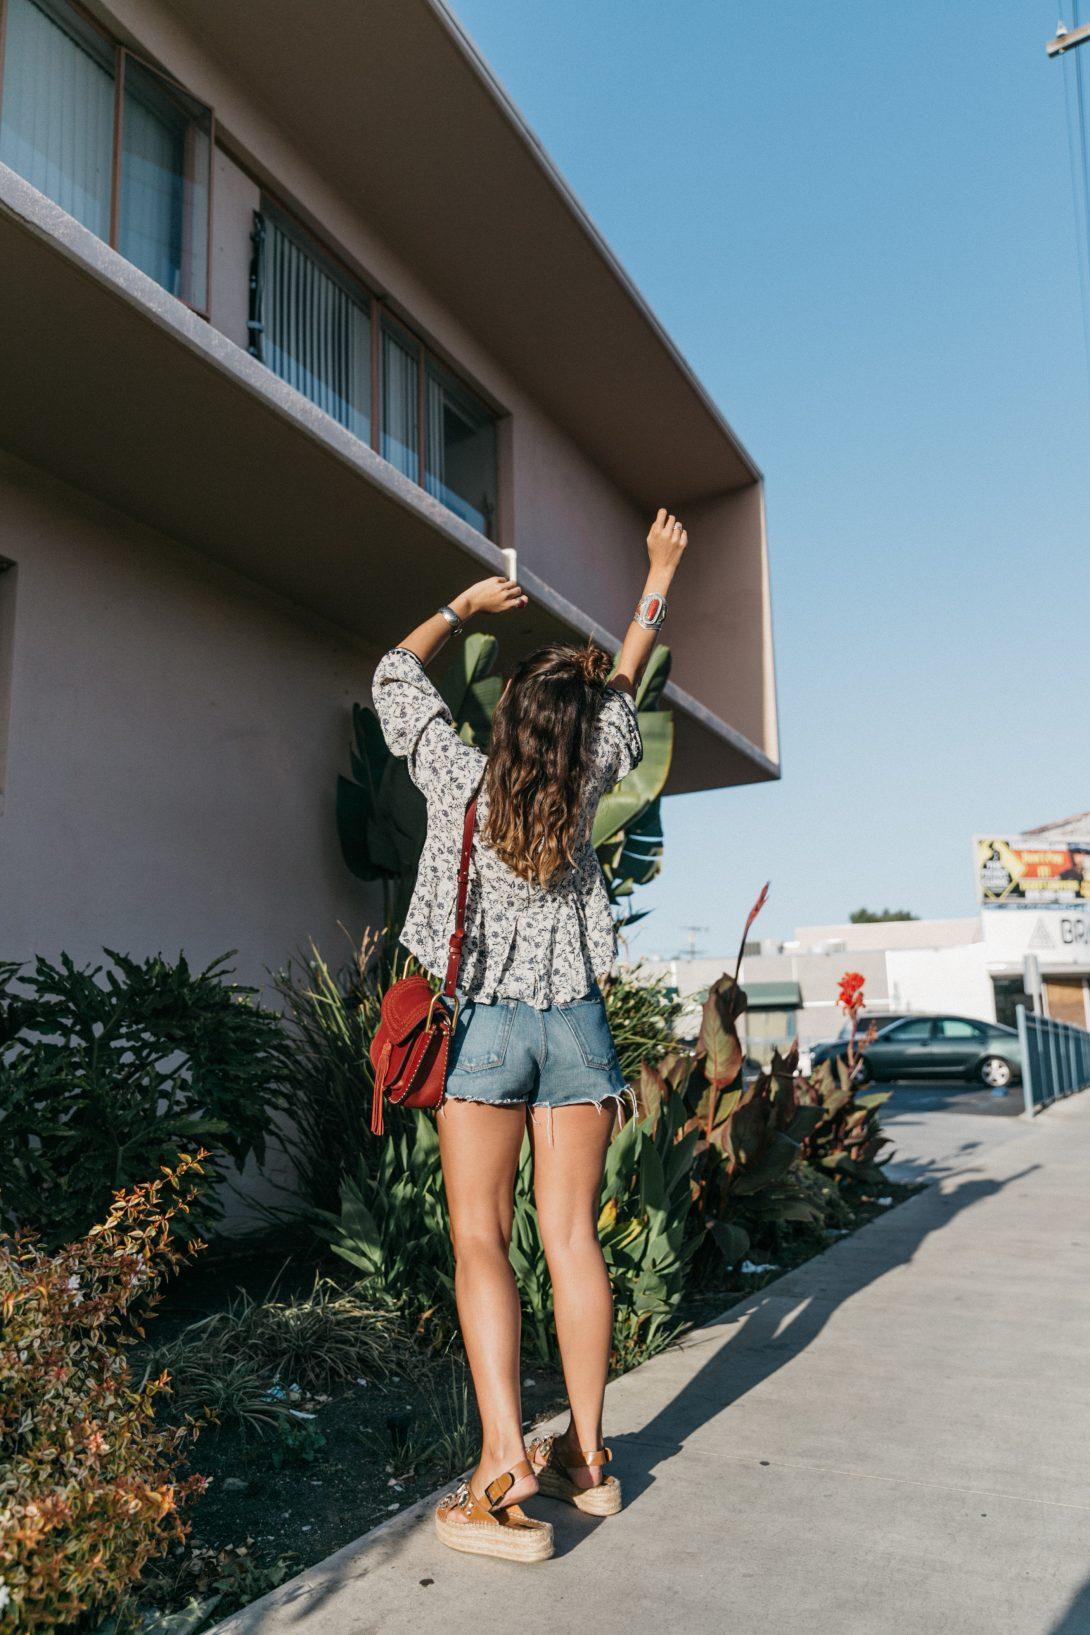 Boho_Top-GRFRND_Jeans-Chloe_Hudson_Bag-Espadrilles-Los_Angeles-Outfit-Collage_Vintage--19